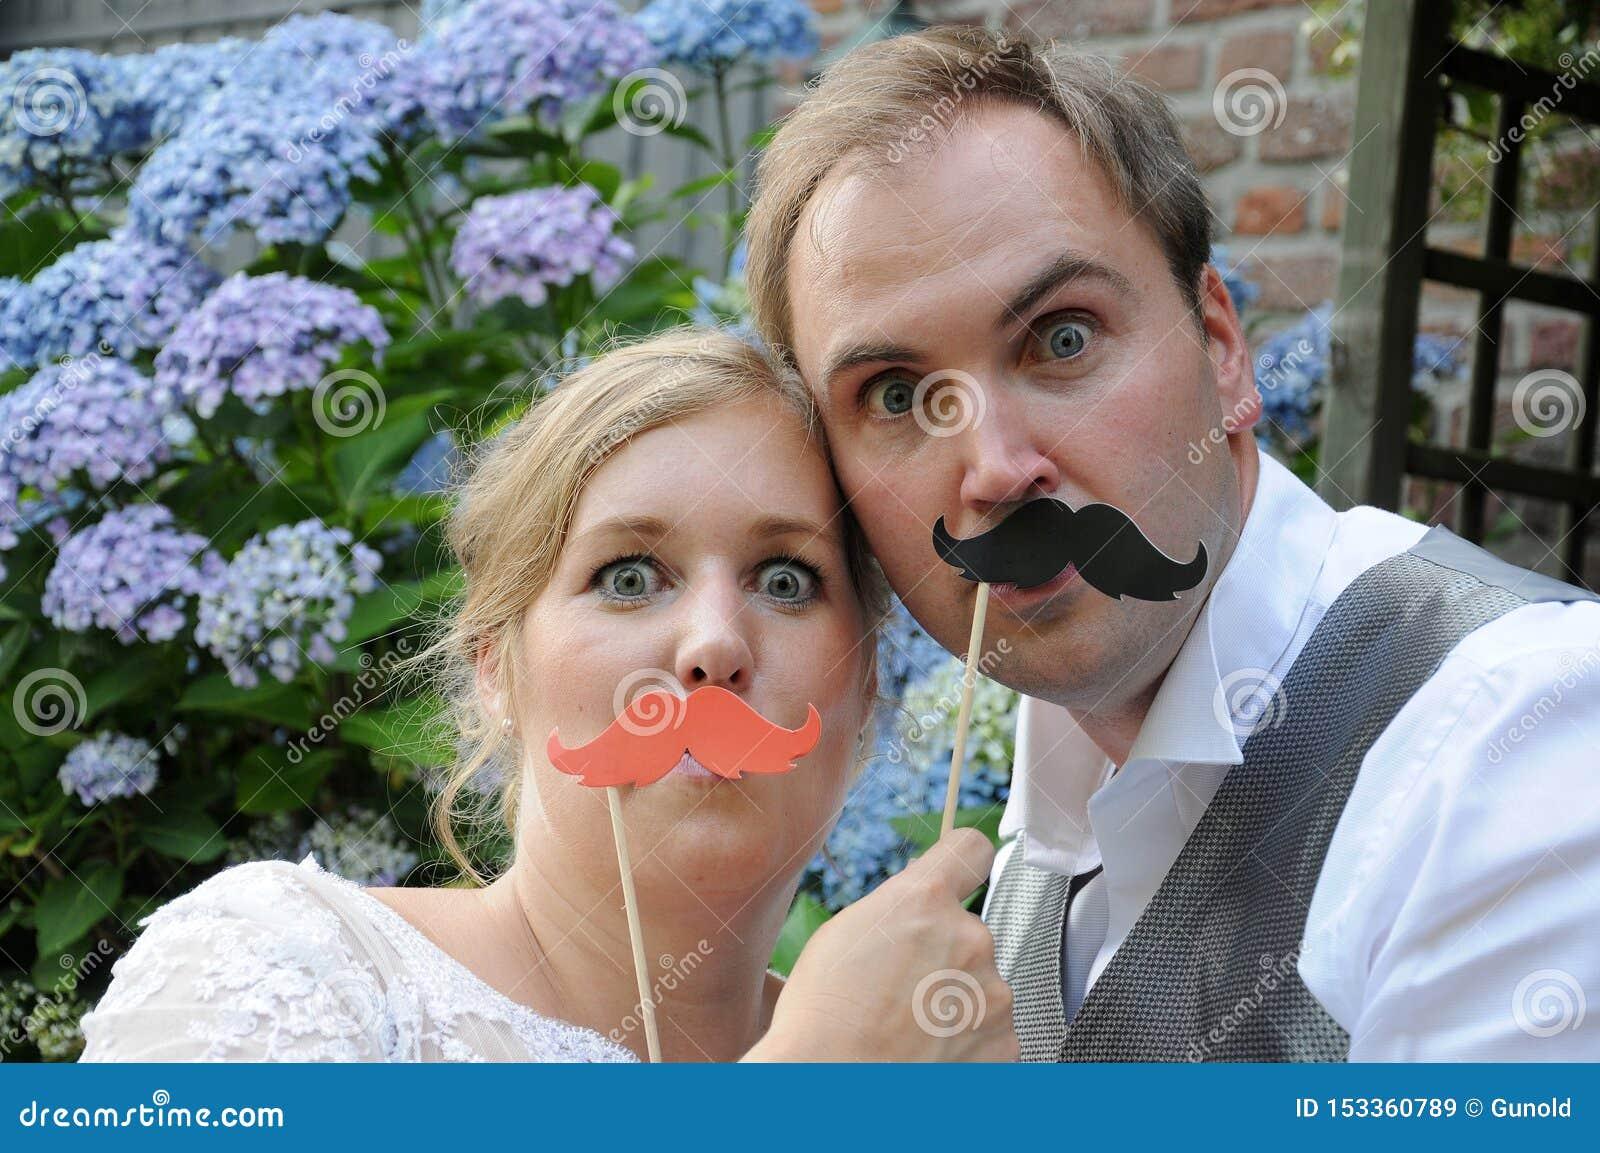 Braut- und Bräutigamhaltung giggly vor einem Passfotoautomaten